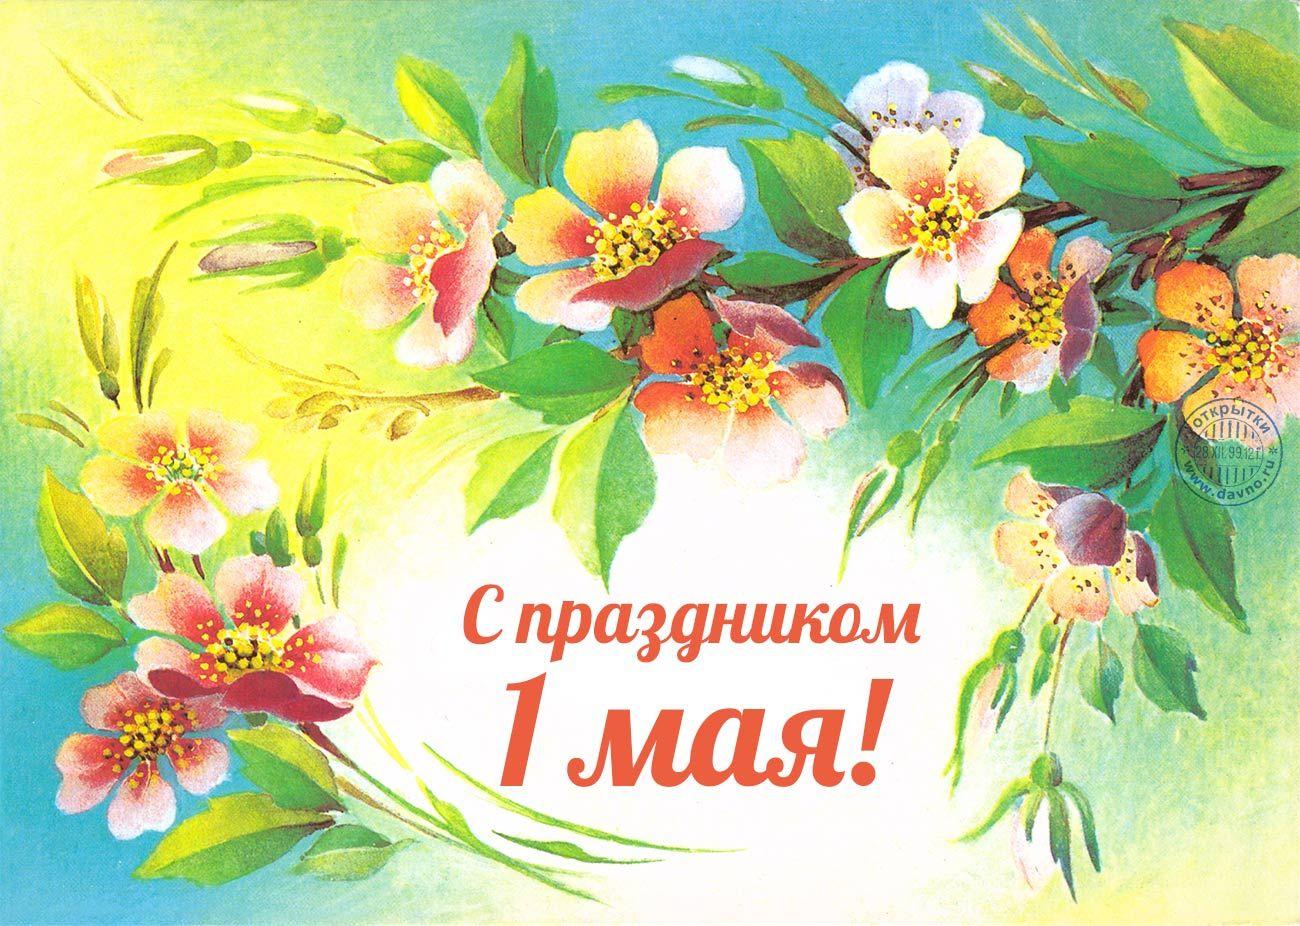 тематические открытки с праздниками и выходными приеме витафона намного